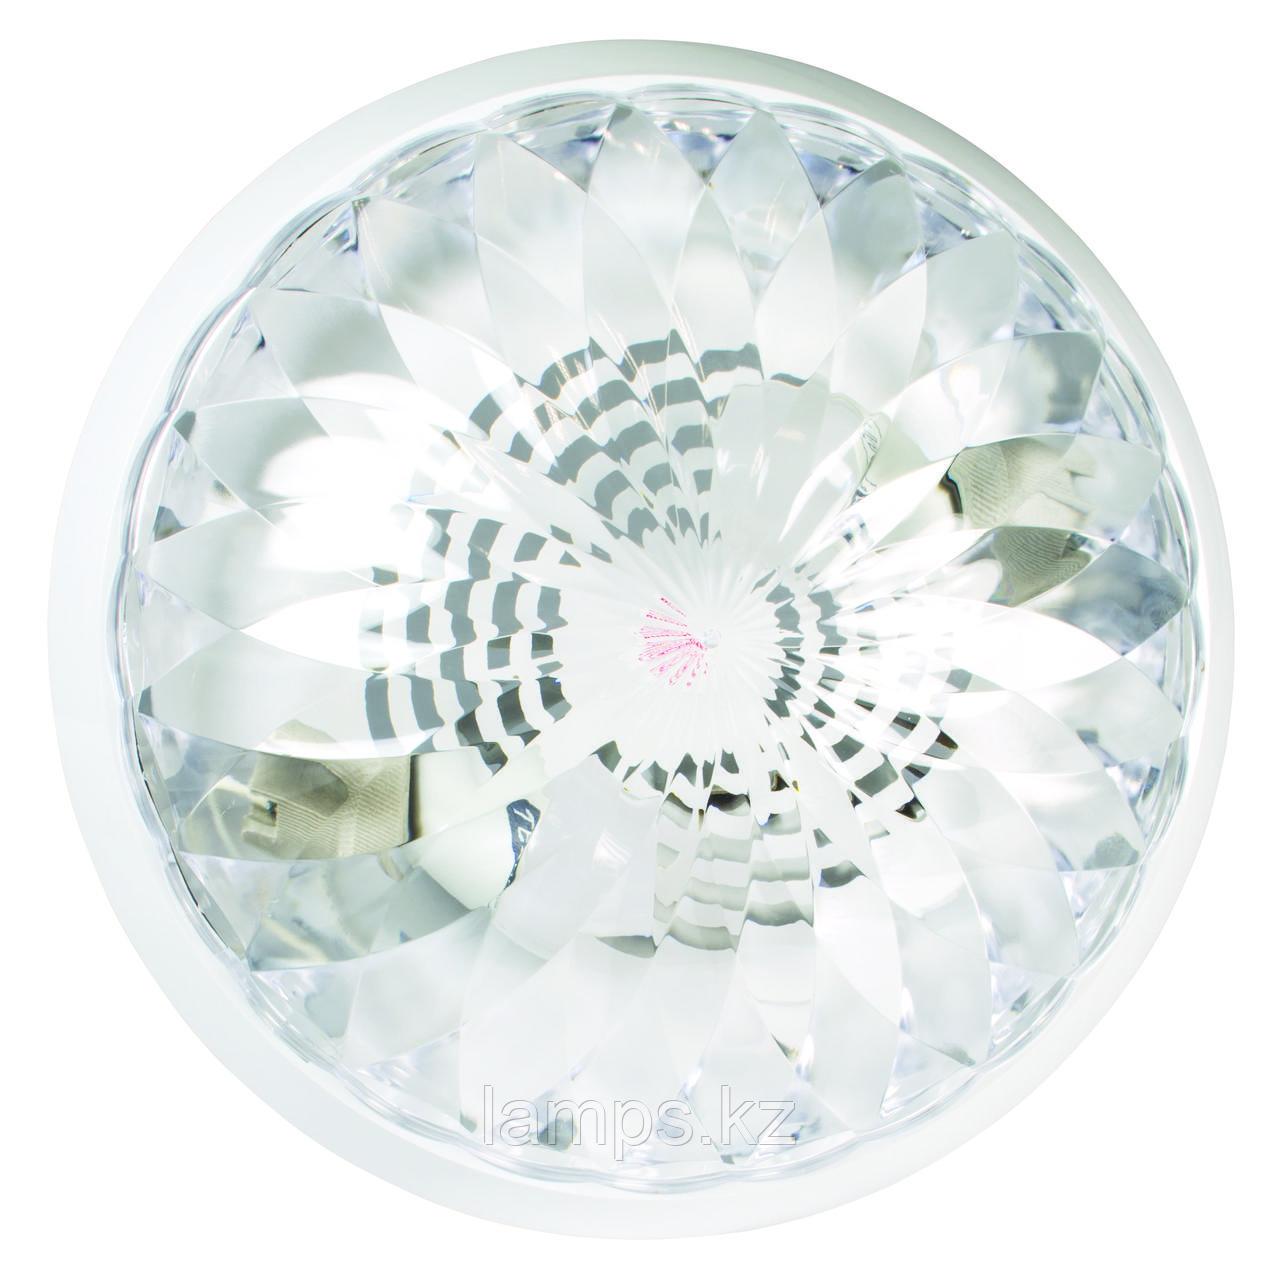 Настенно-потолочный светодиодный светильник KAMELYA MAXI LED 400мм